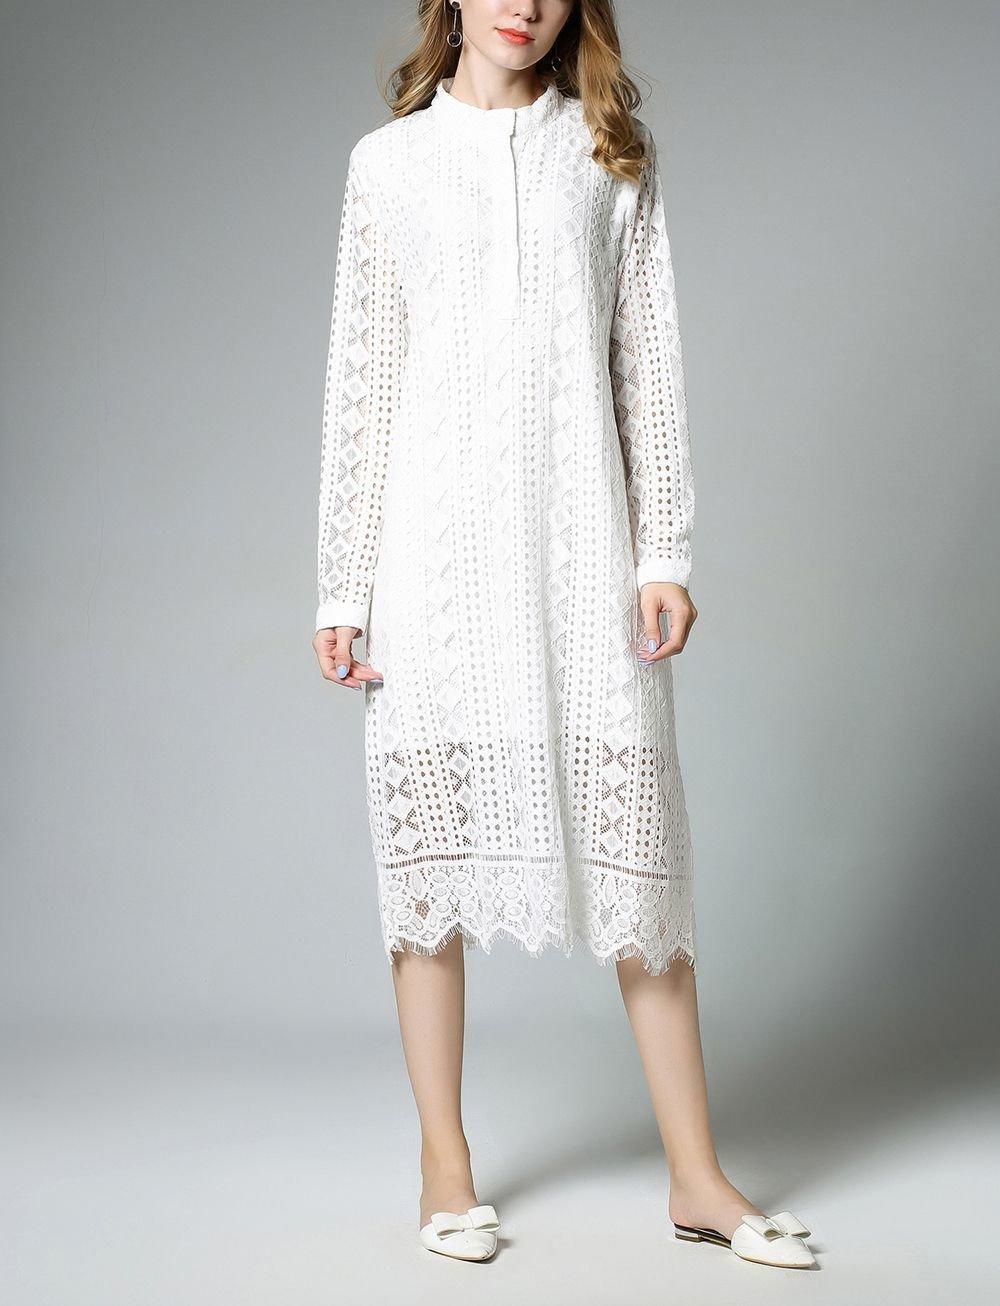 Plus Size Lace Casual Dress